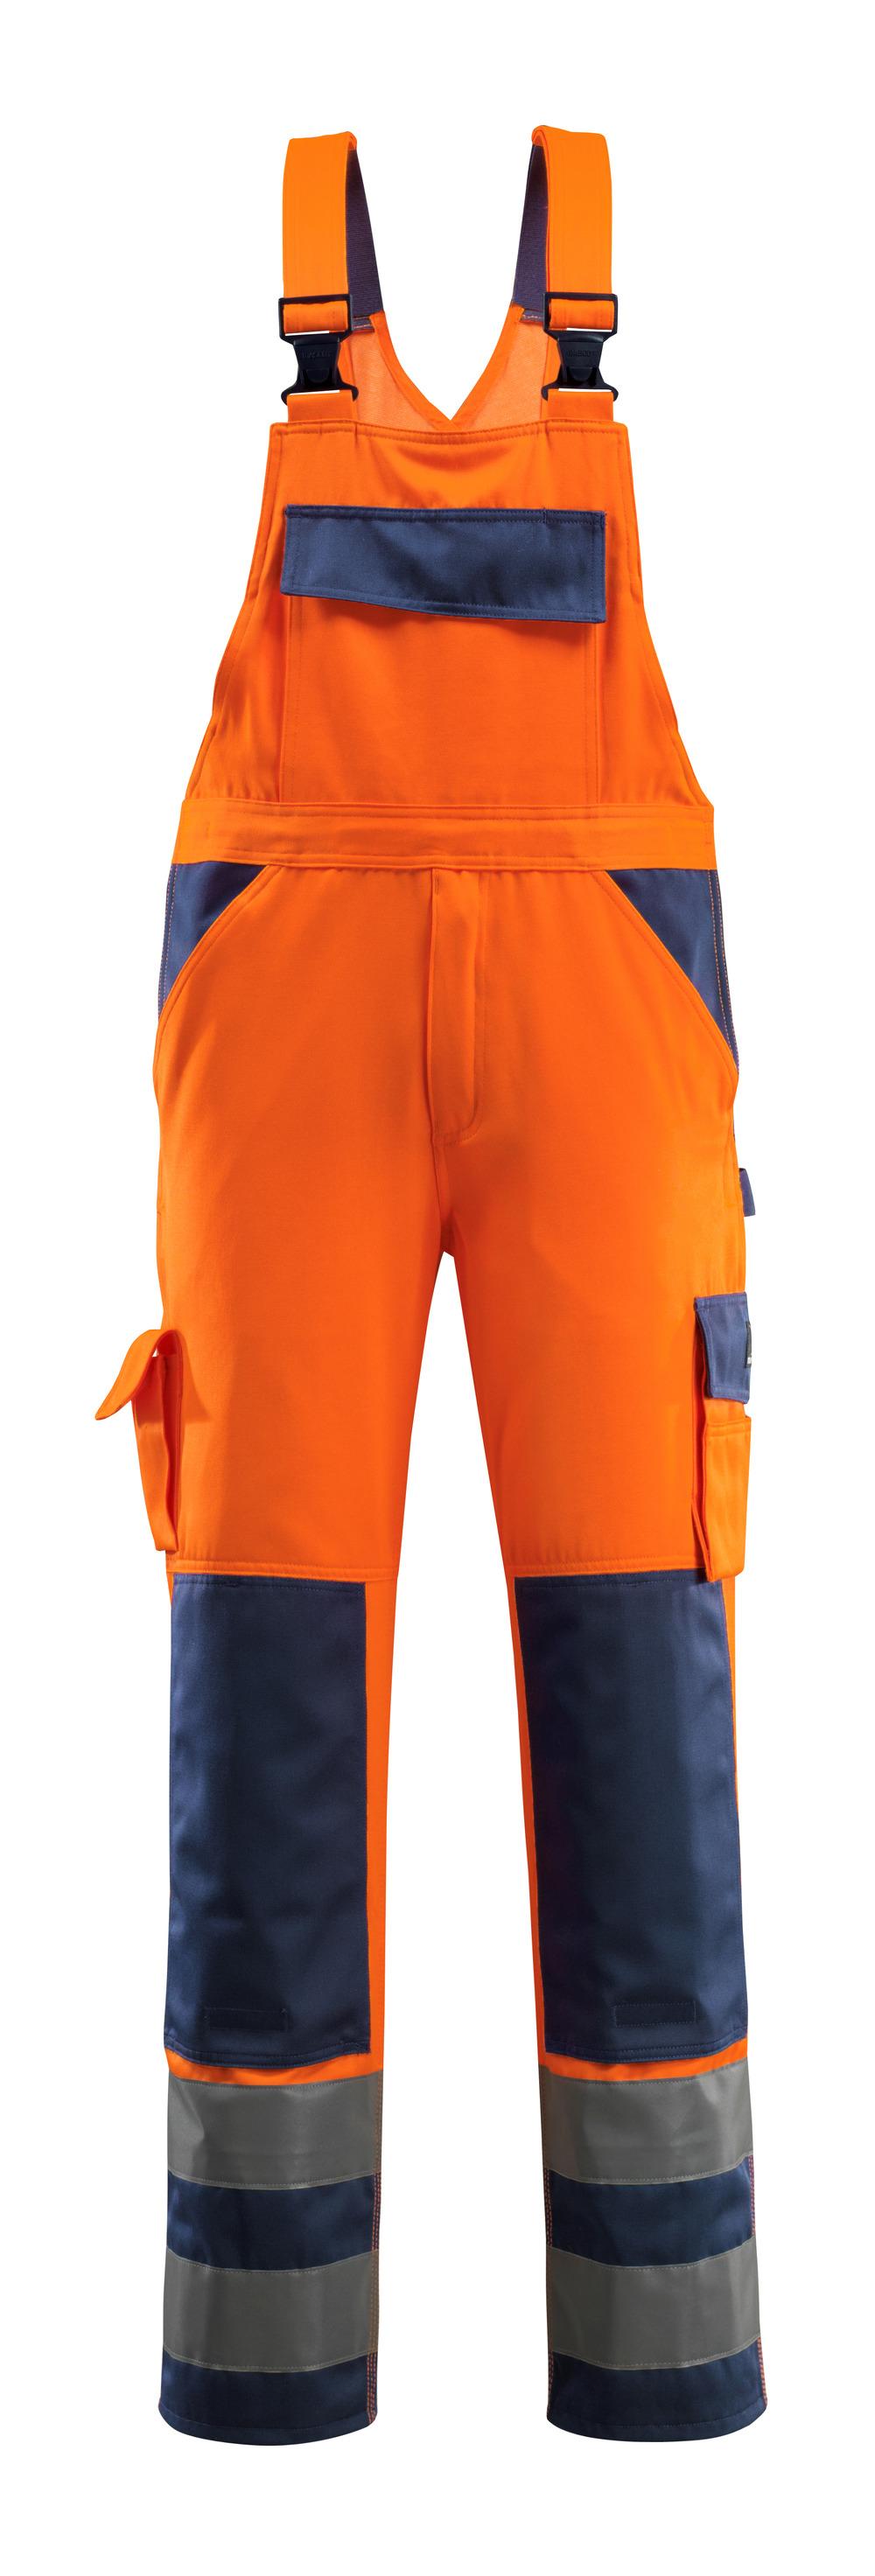 07169-860-141 Latzhose mit Knietaschen - hi-vis Orange/Marine